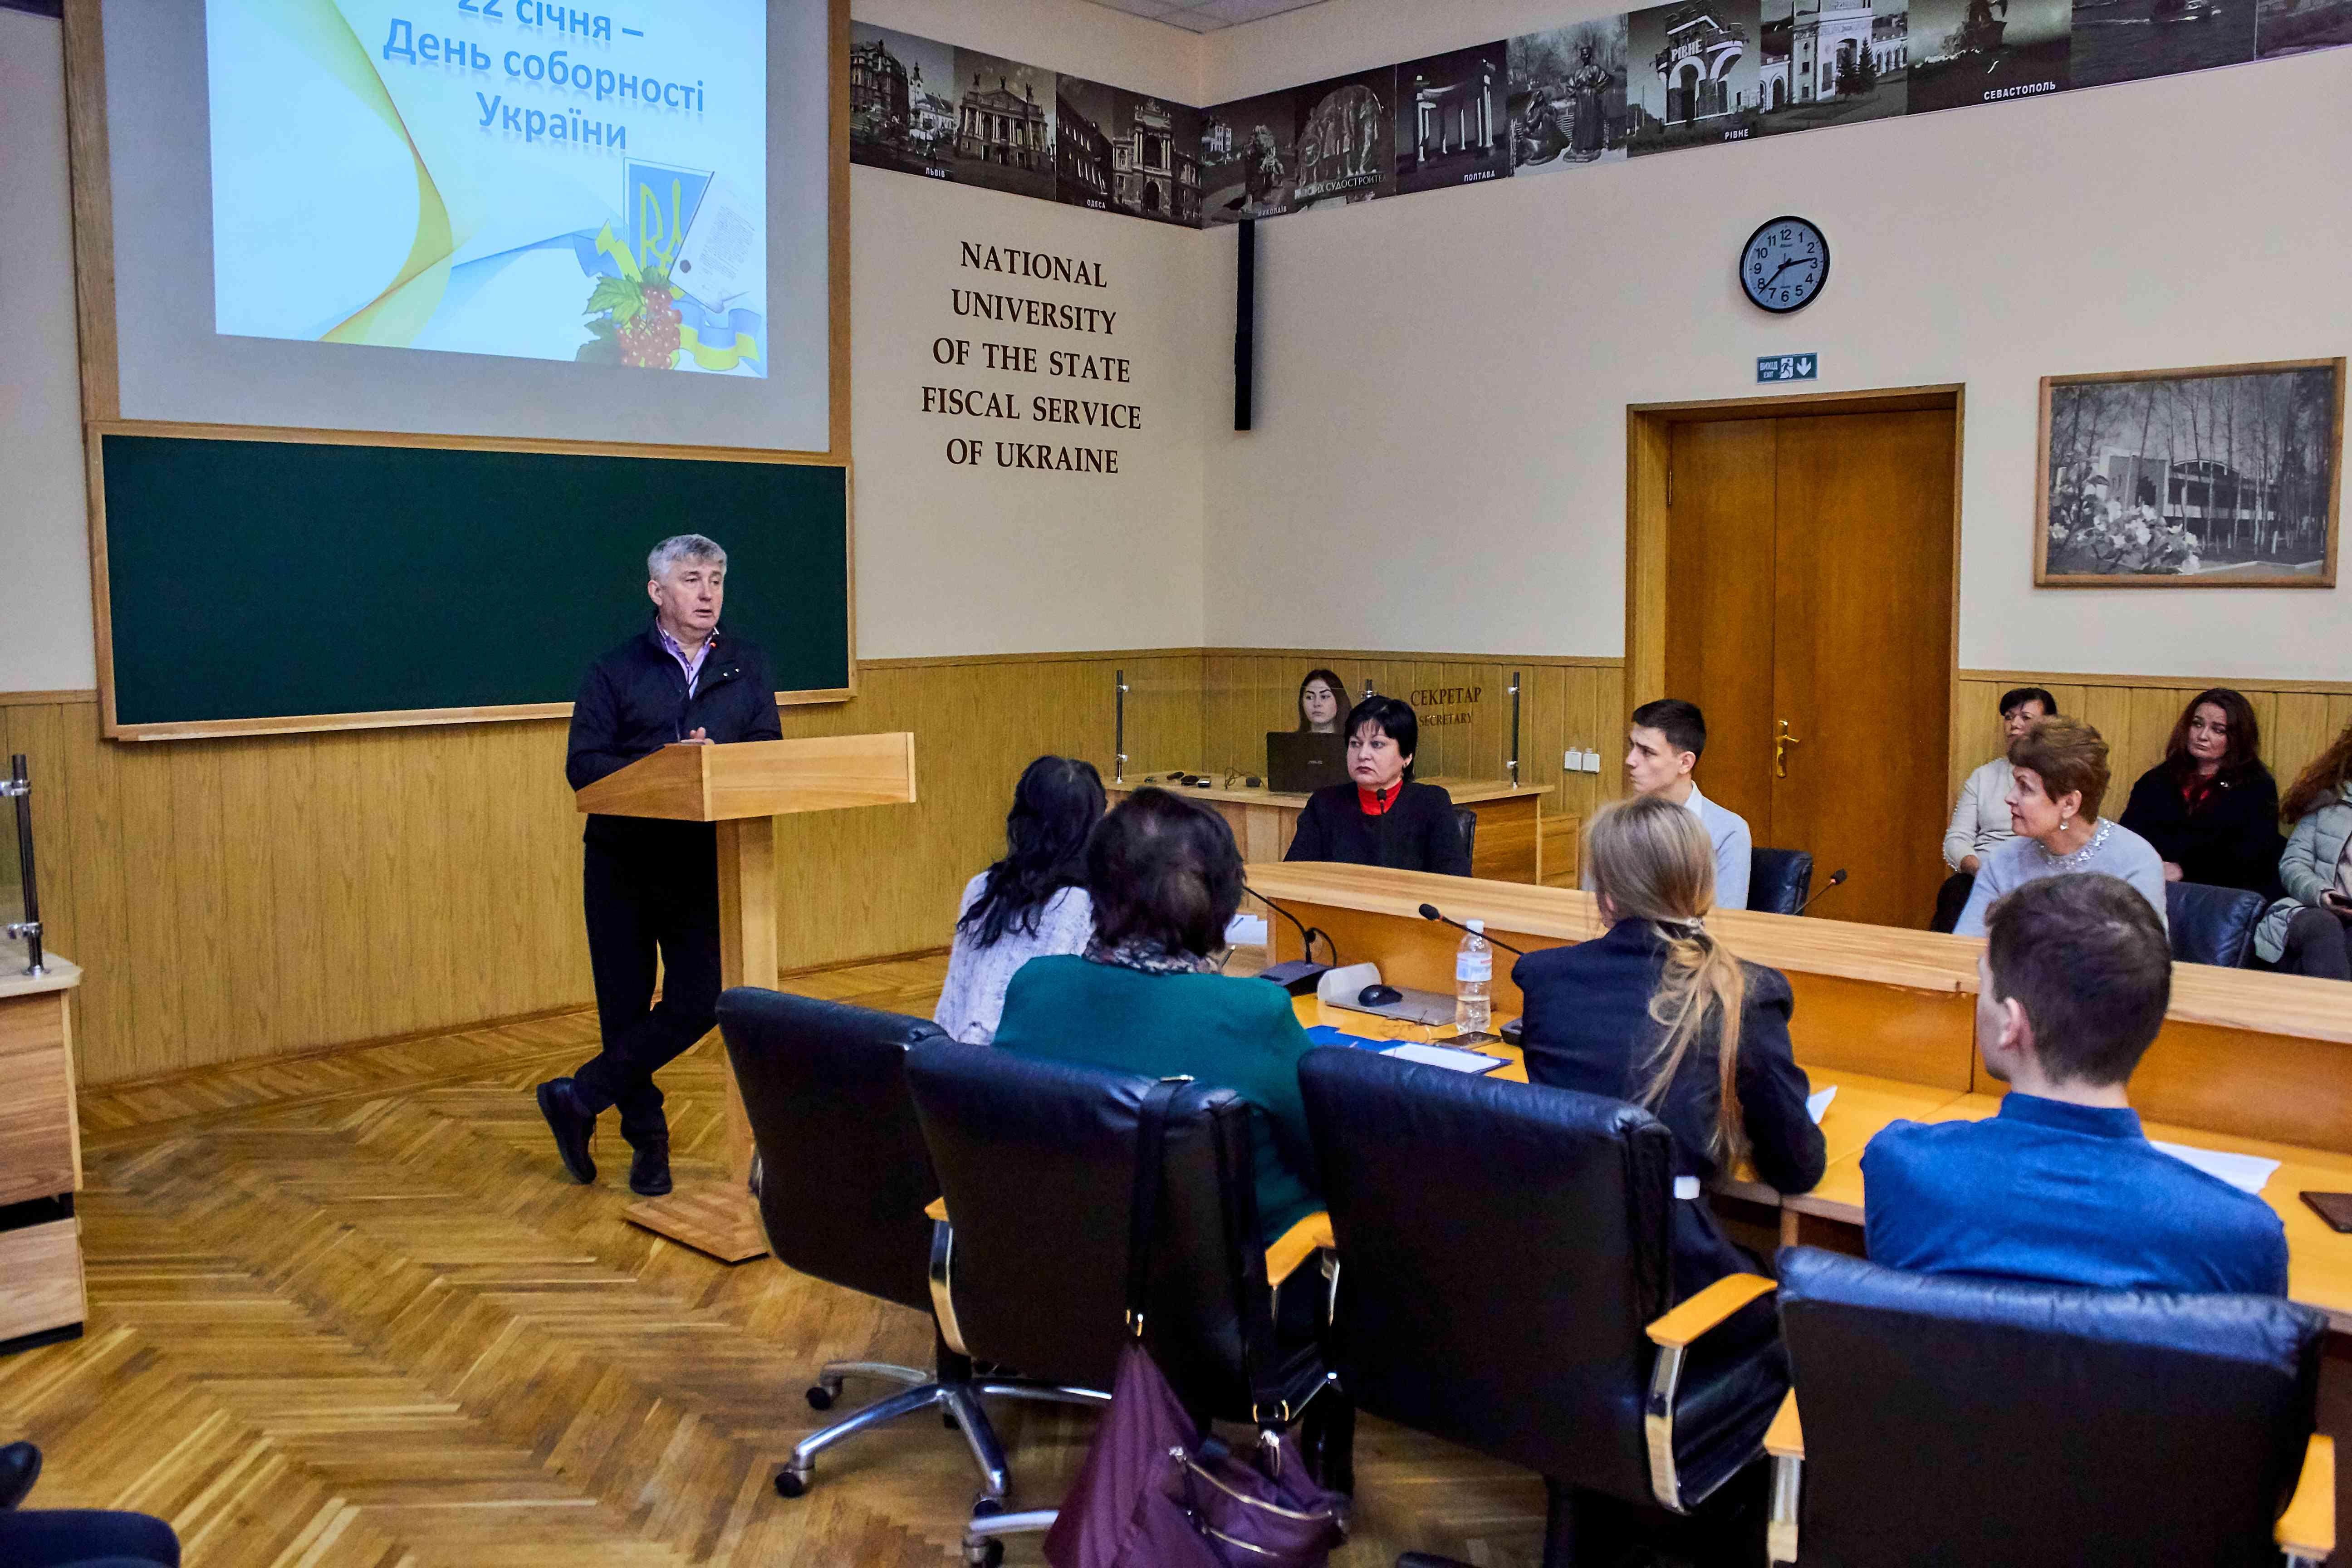 В Університеті відзначили День соборності України